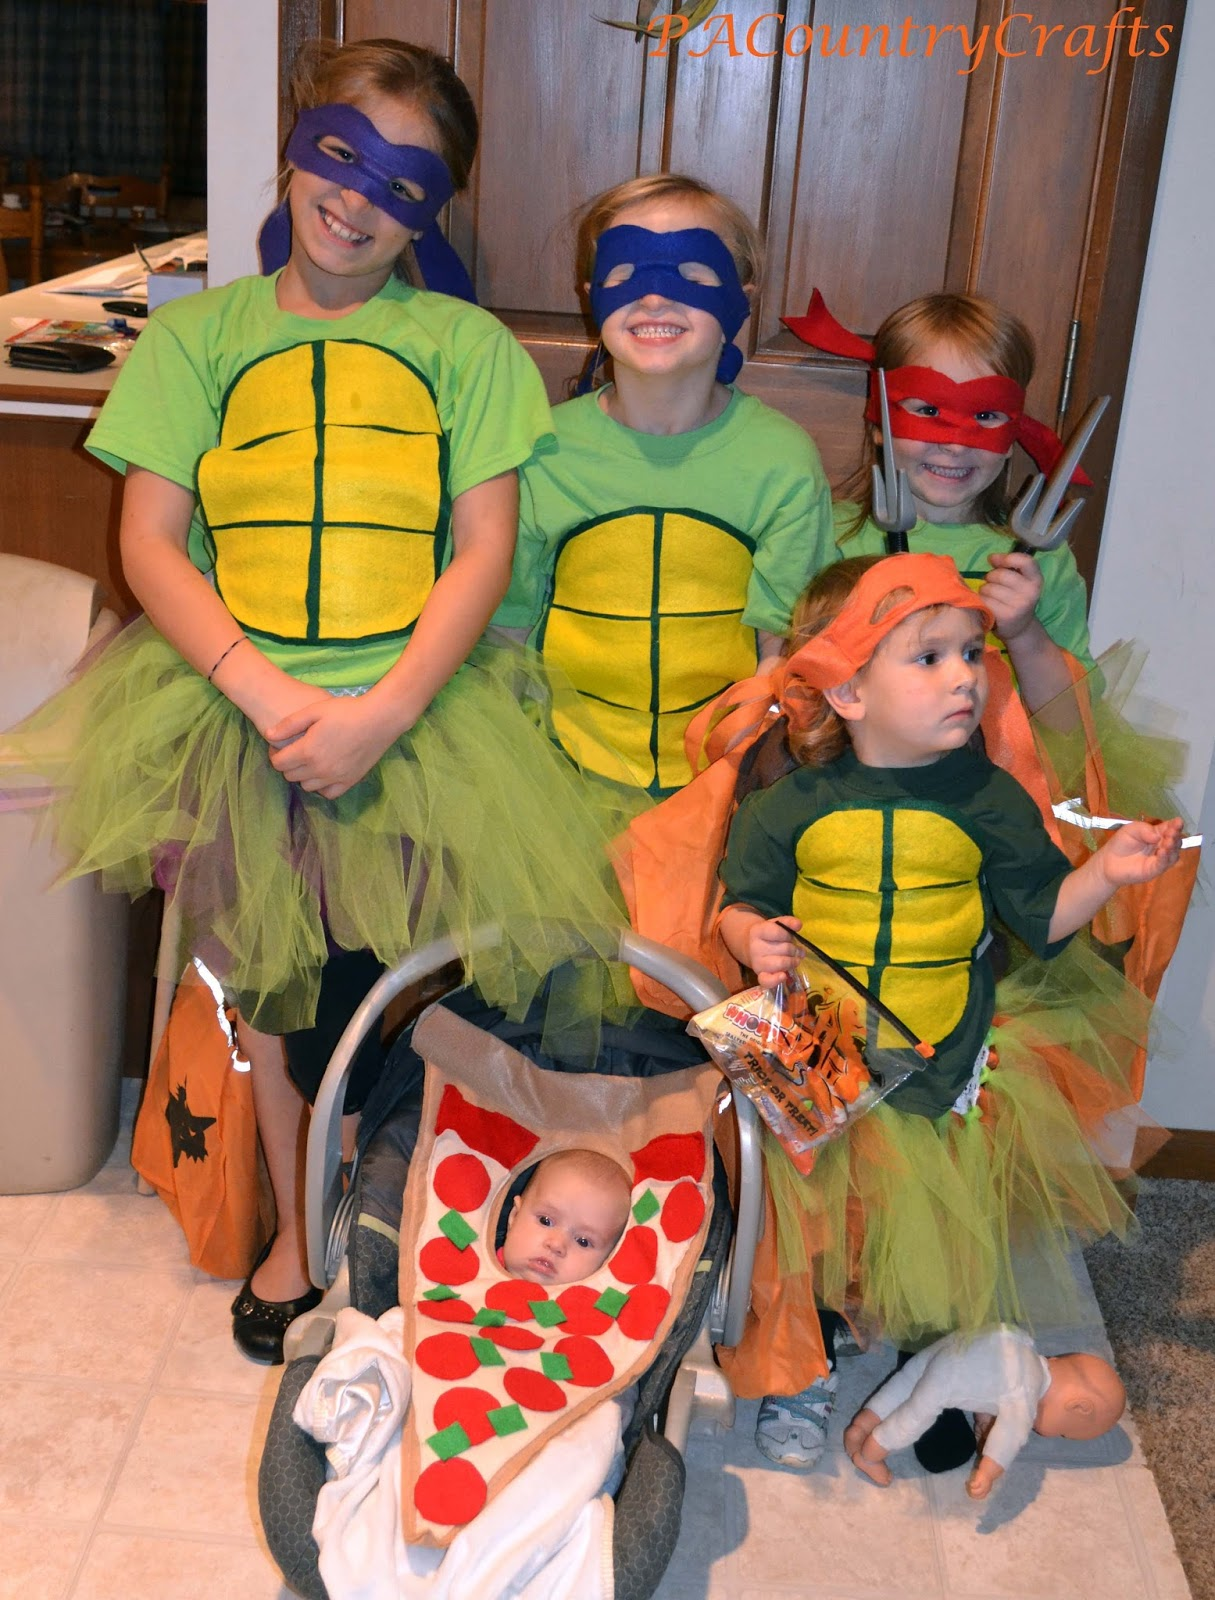 DIY Girlsu0027 Ninja Turtle Costumes- with TUTUS!  sc 1 st  PACountryCrafts & DIY Girlsu0027 Ninja Turtle Costumes- with TUTUS! u2014 PACountryCrafts